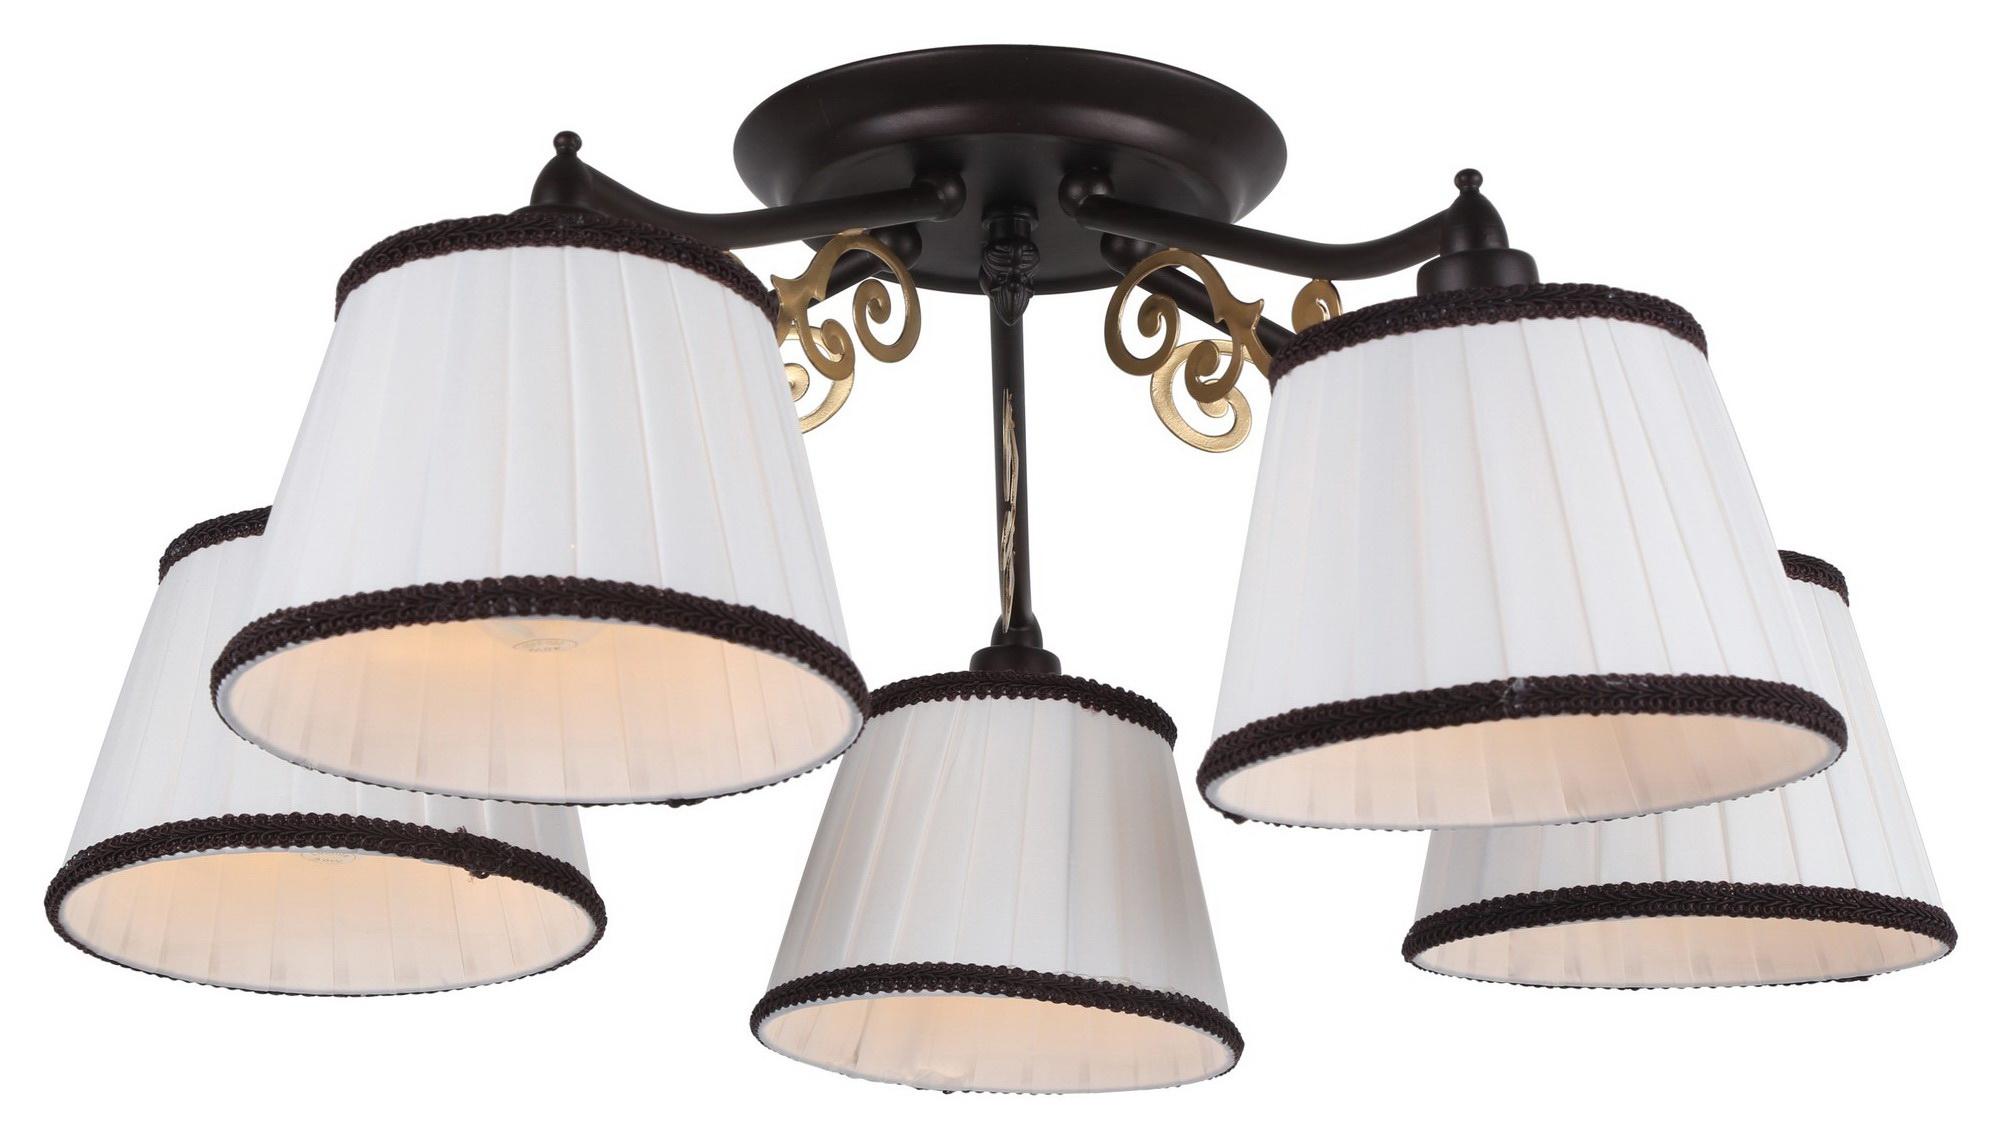 Люстра Arte lamp Capri a6344pl-5br A6344PL-5BR